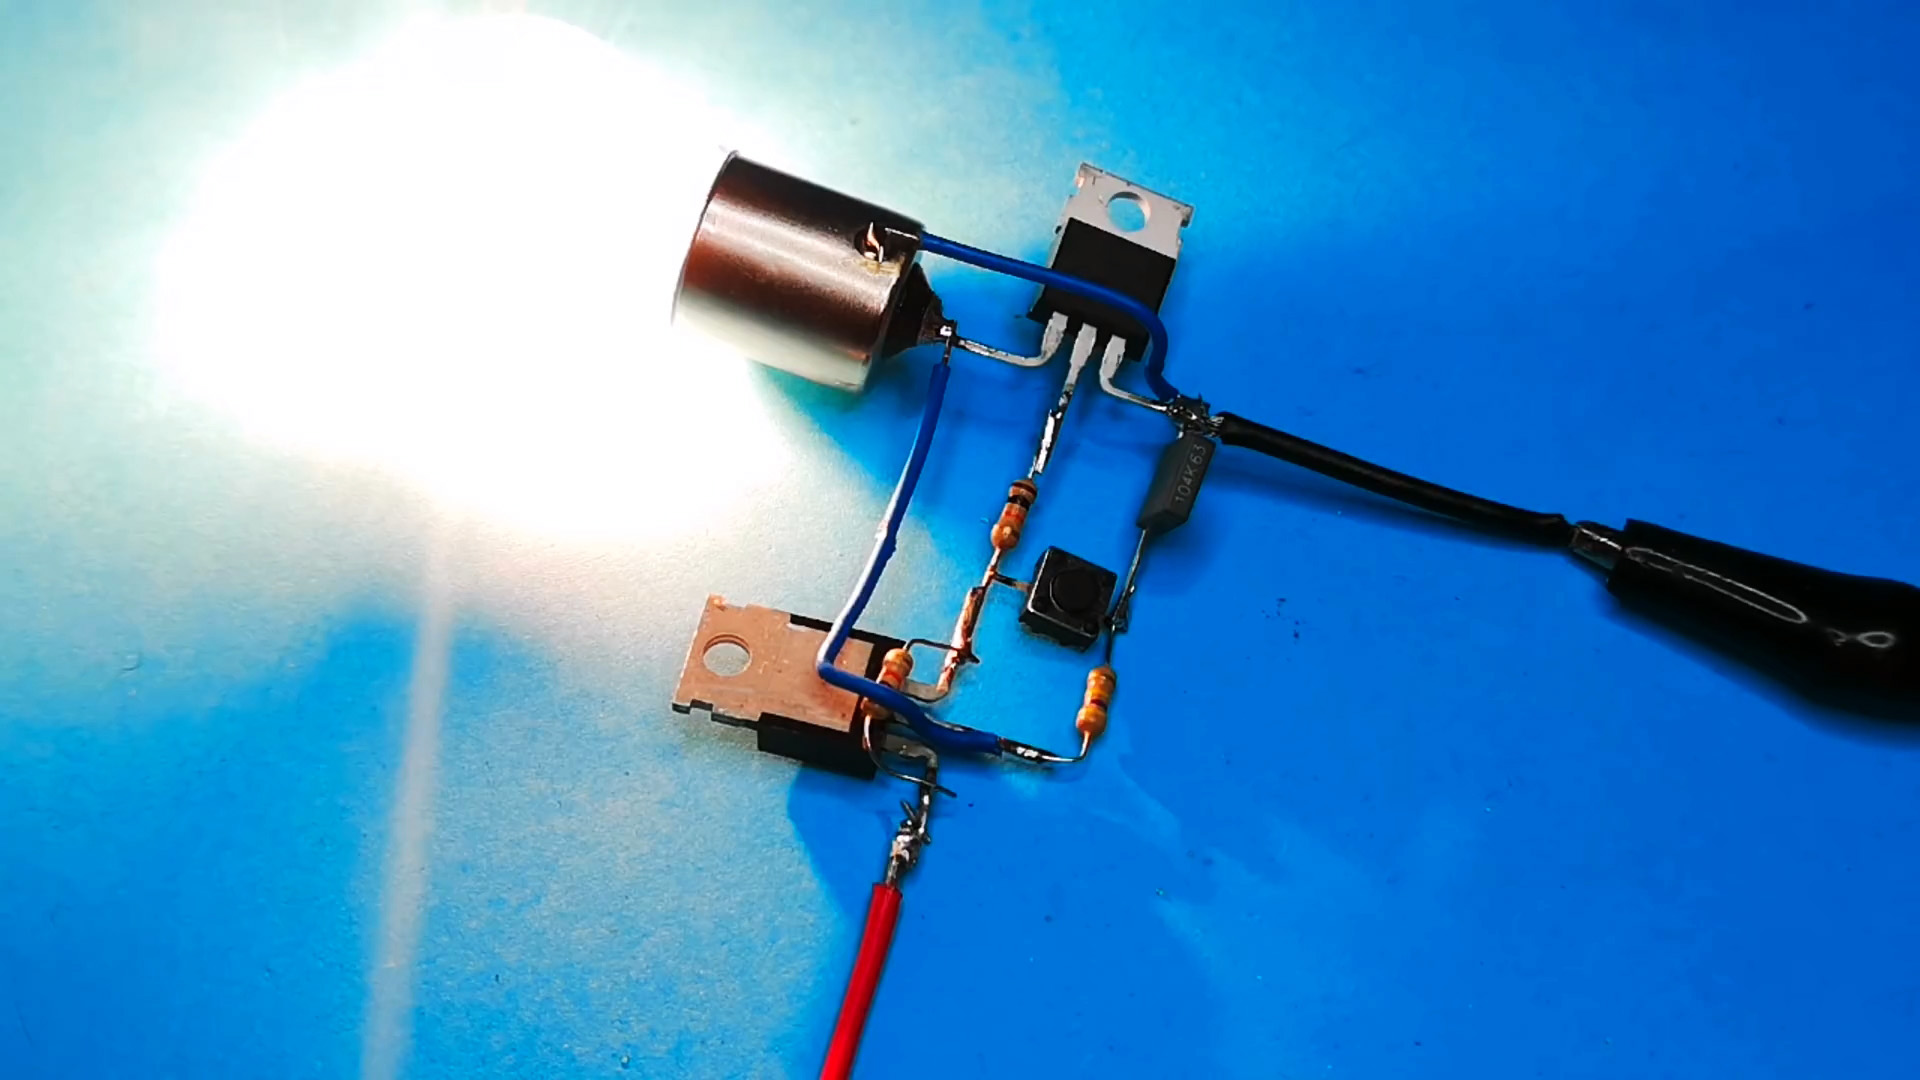 Транзисторный переключатель для управления мощной нагрузкой кнопкой без фиксации